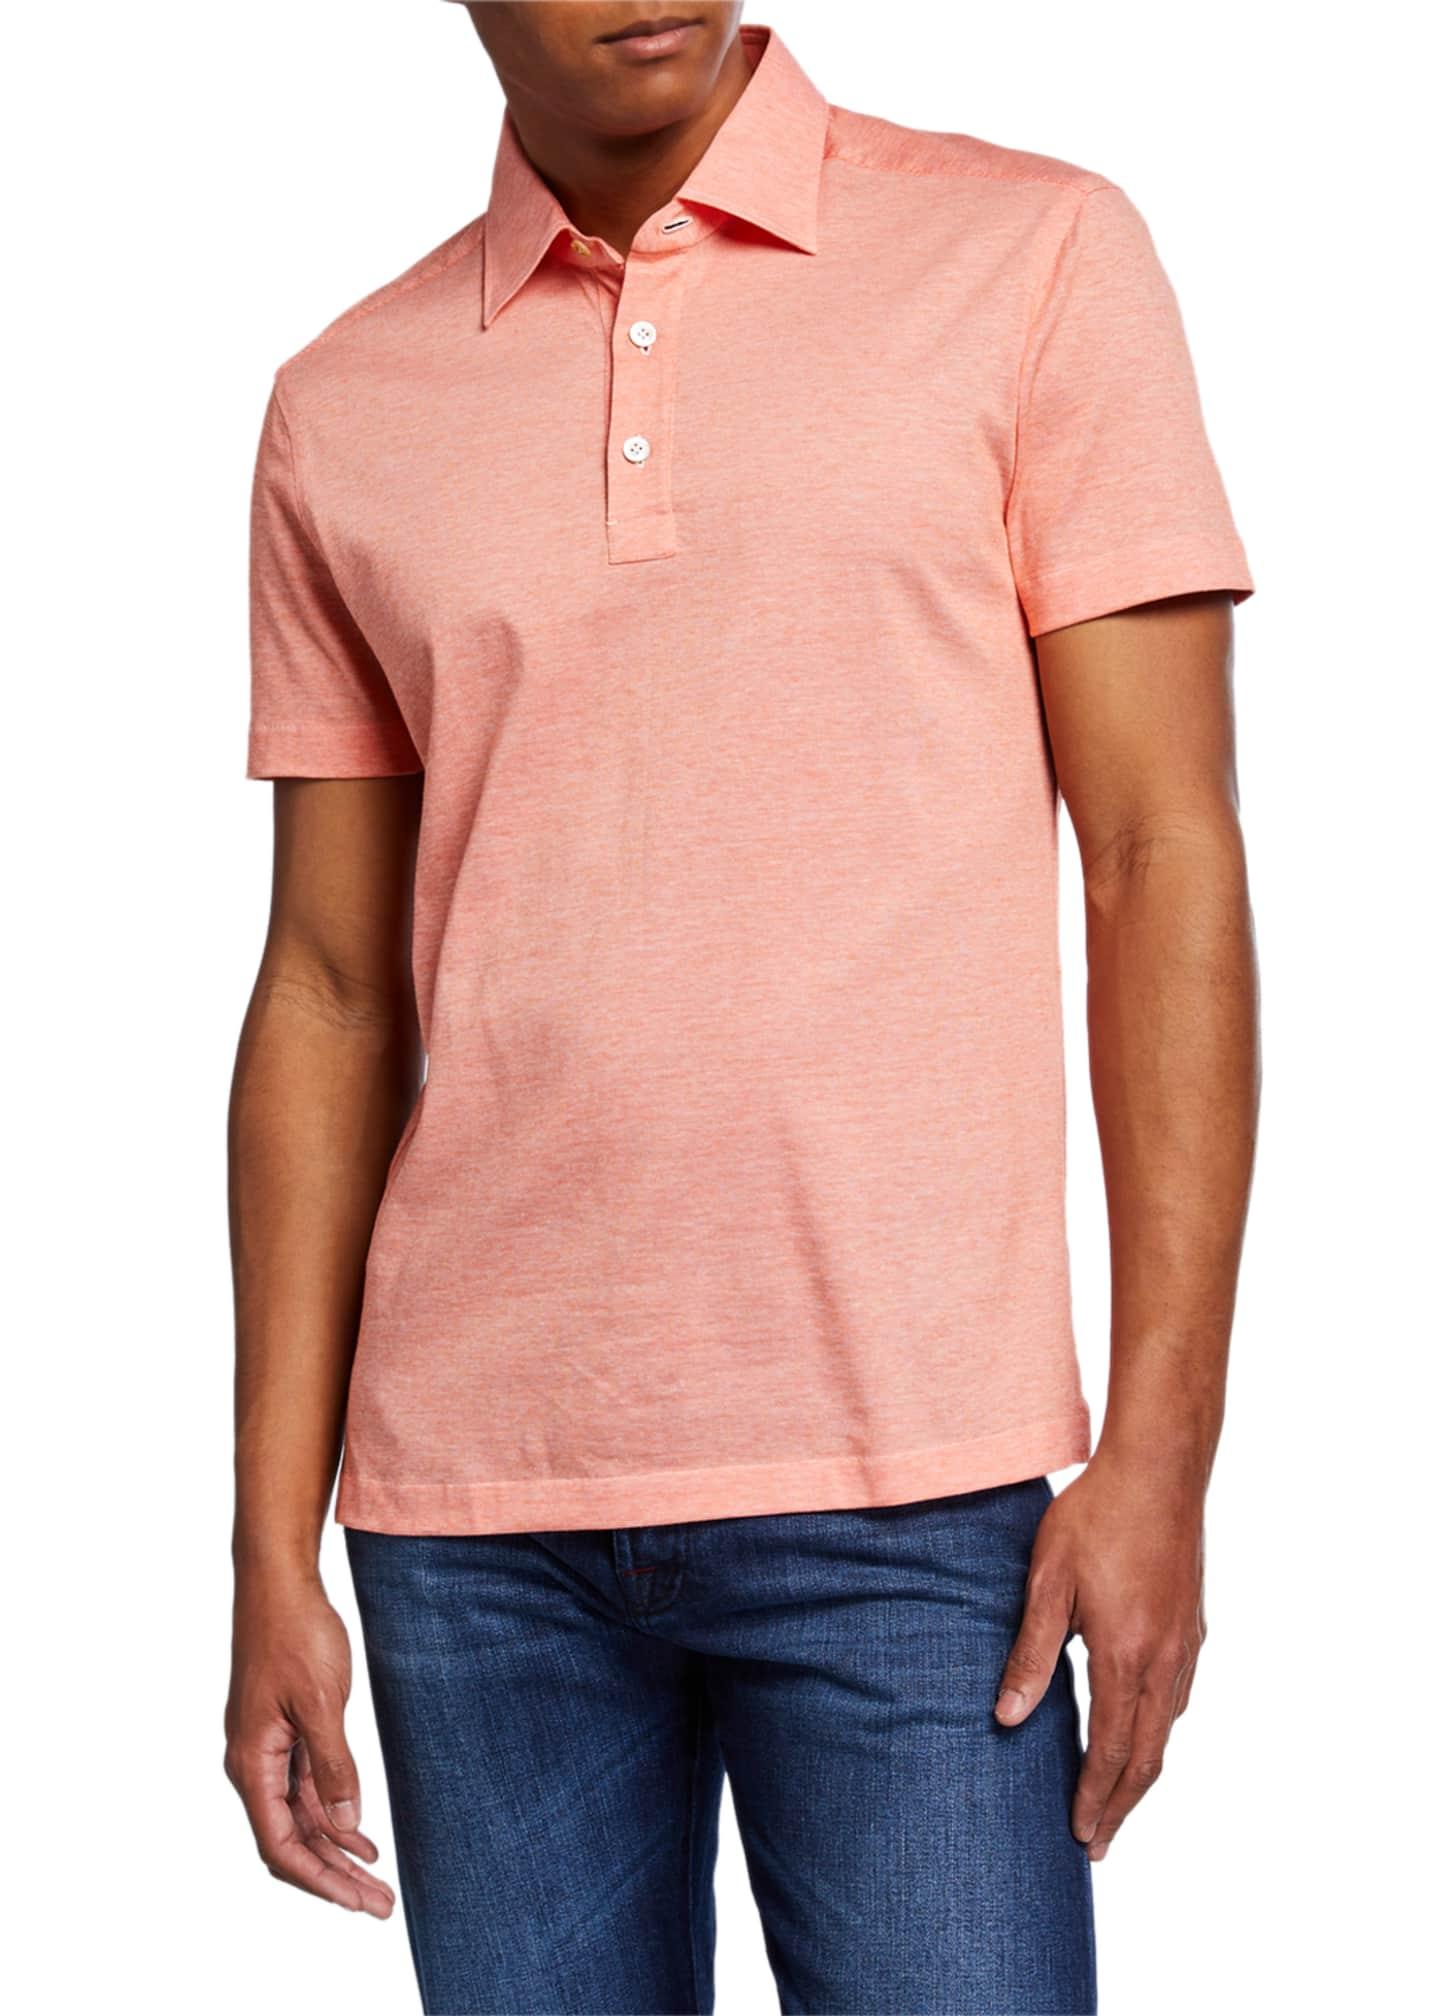 Kiton Men's Cotton Knit Polo Shirt, Orange